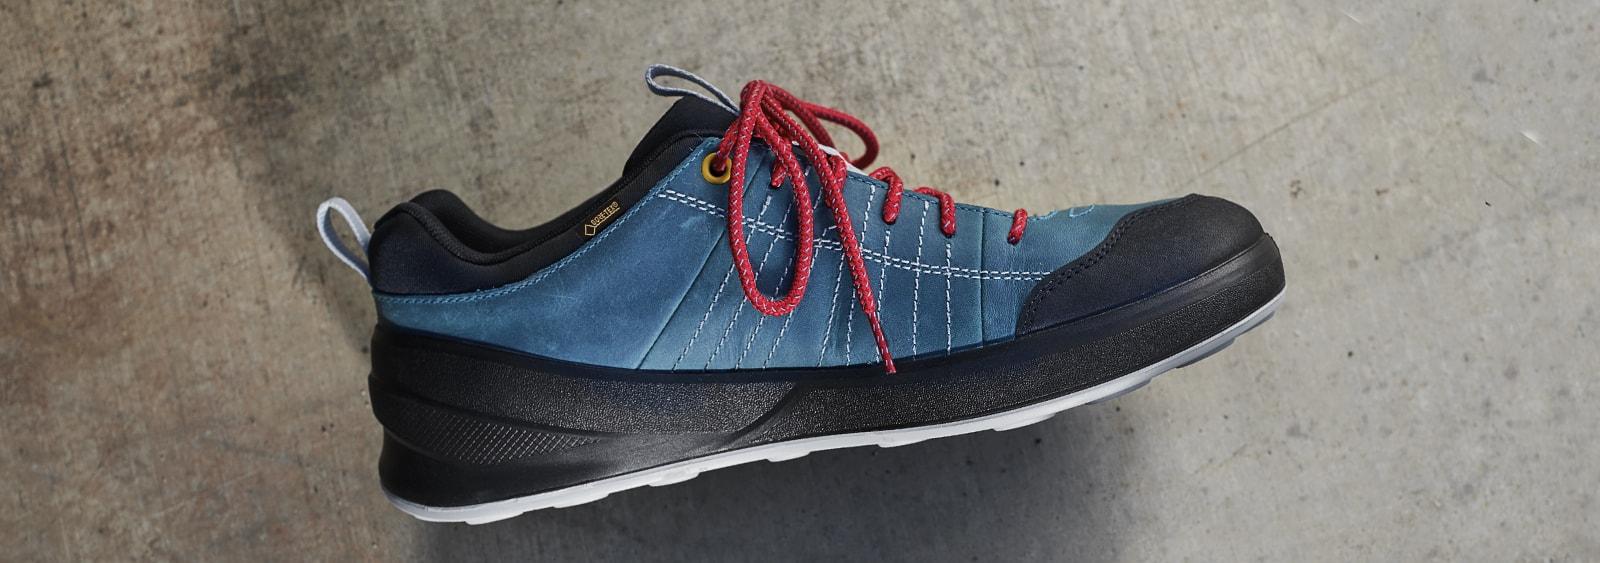 Ascent Ride Shoe